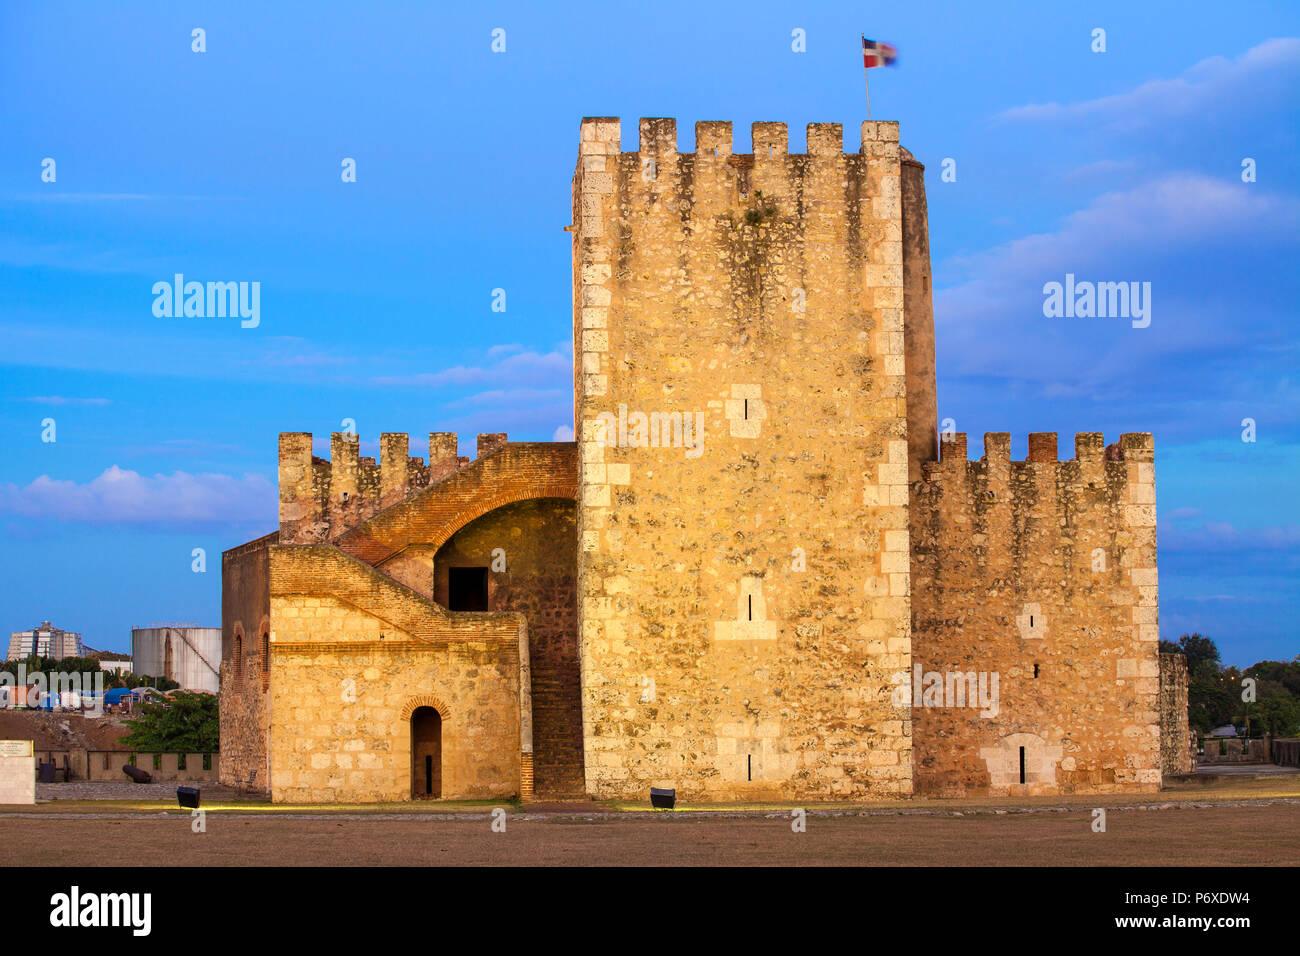 Dominikanische Republik, Santo Domingo, Colonial Zone, Fortaleza Ozama, jetzt die Seite des Museo de Armas, eine militärische Musuem, Torre del Homenaje - Turm der Hommage Stockbild